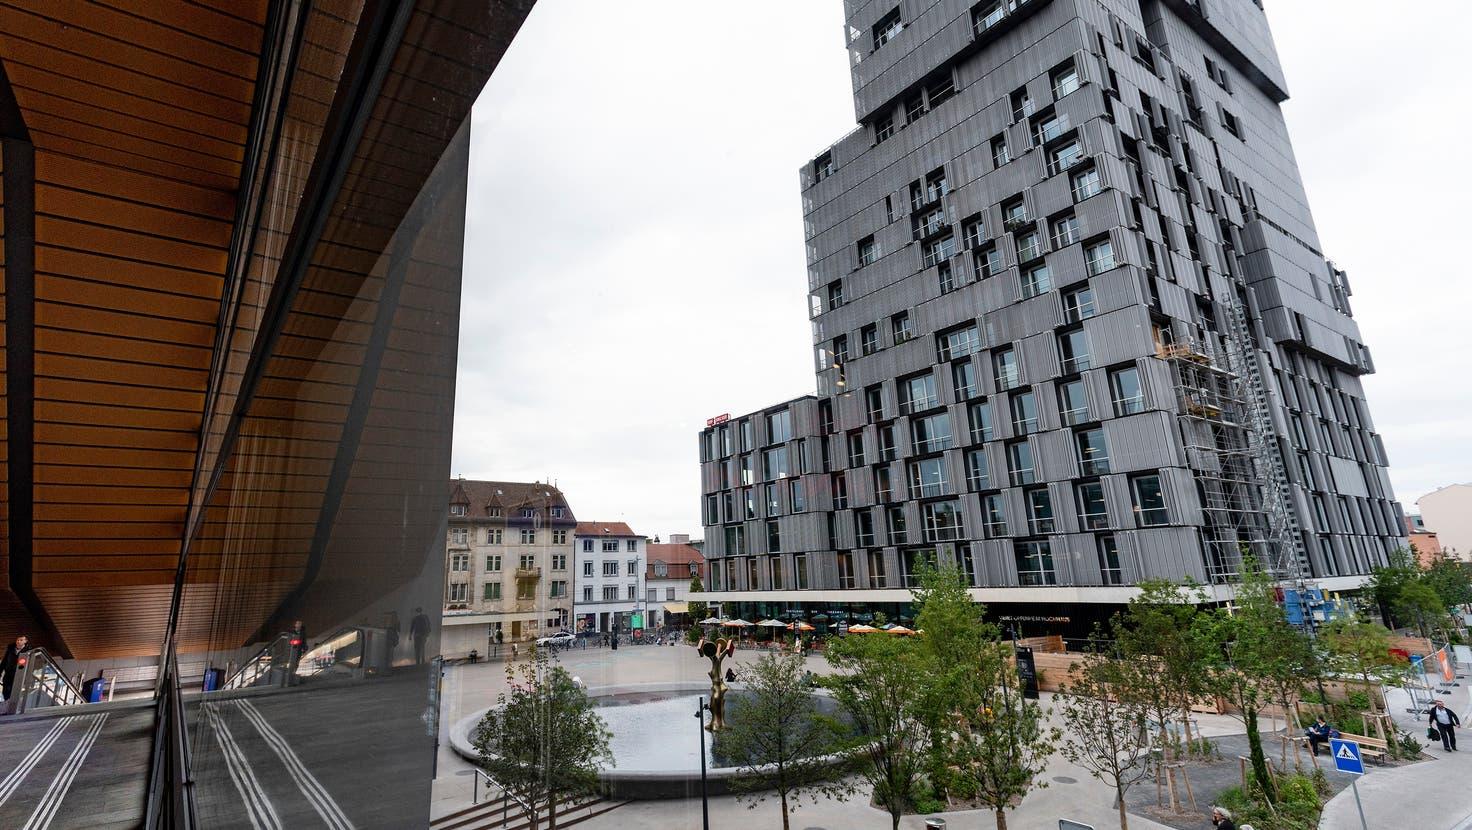 Der Meret-Oppenheim-Platz von oben: Der Brunnen ist bereits sehr beliebt im Quartier. (Benjamin Wieland)